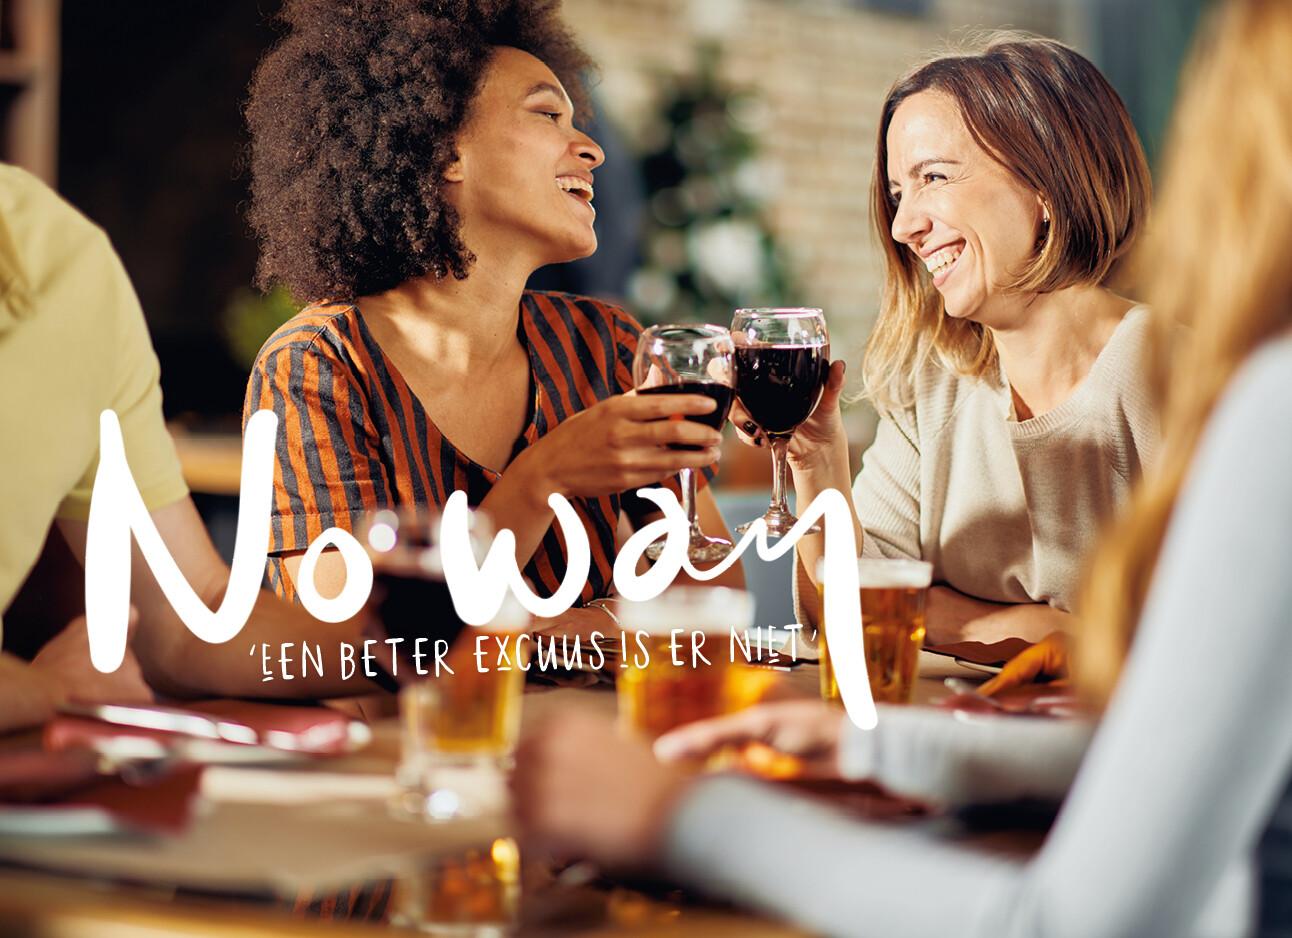 vrouwen drinken met elkaar een wijntje en biertje